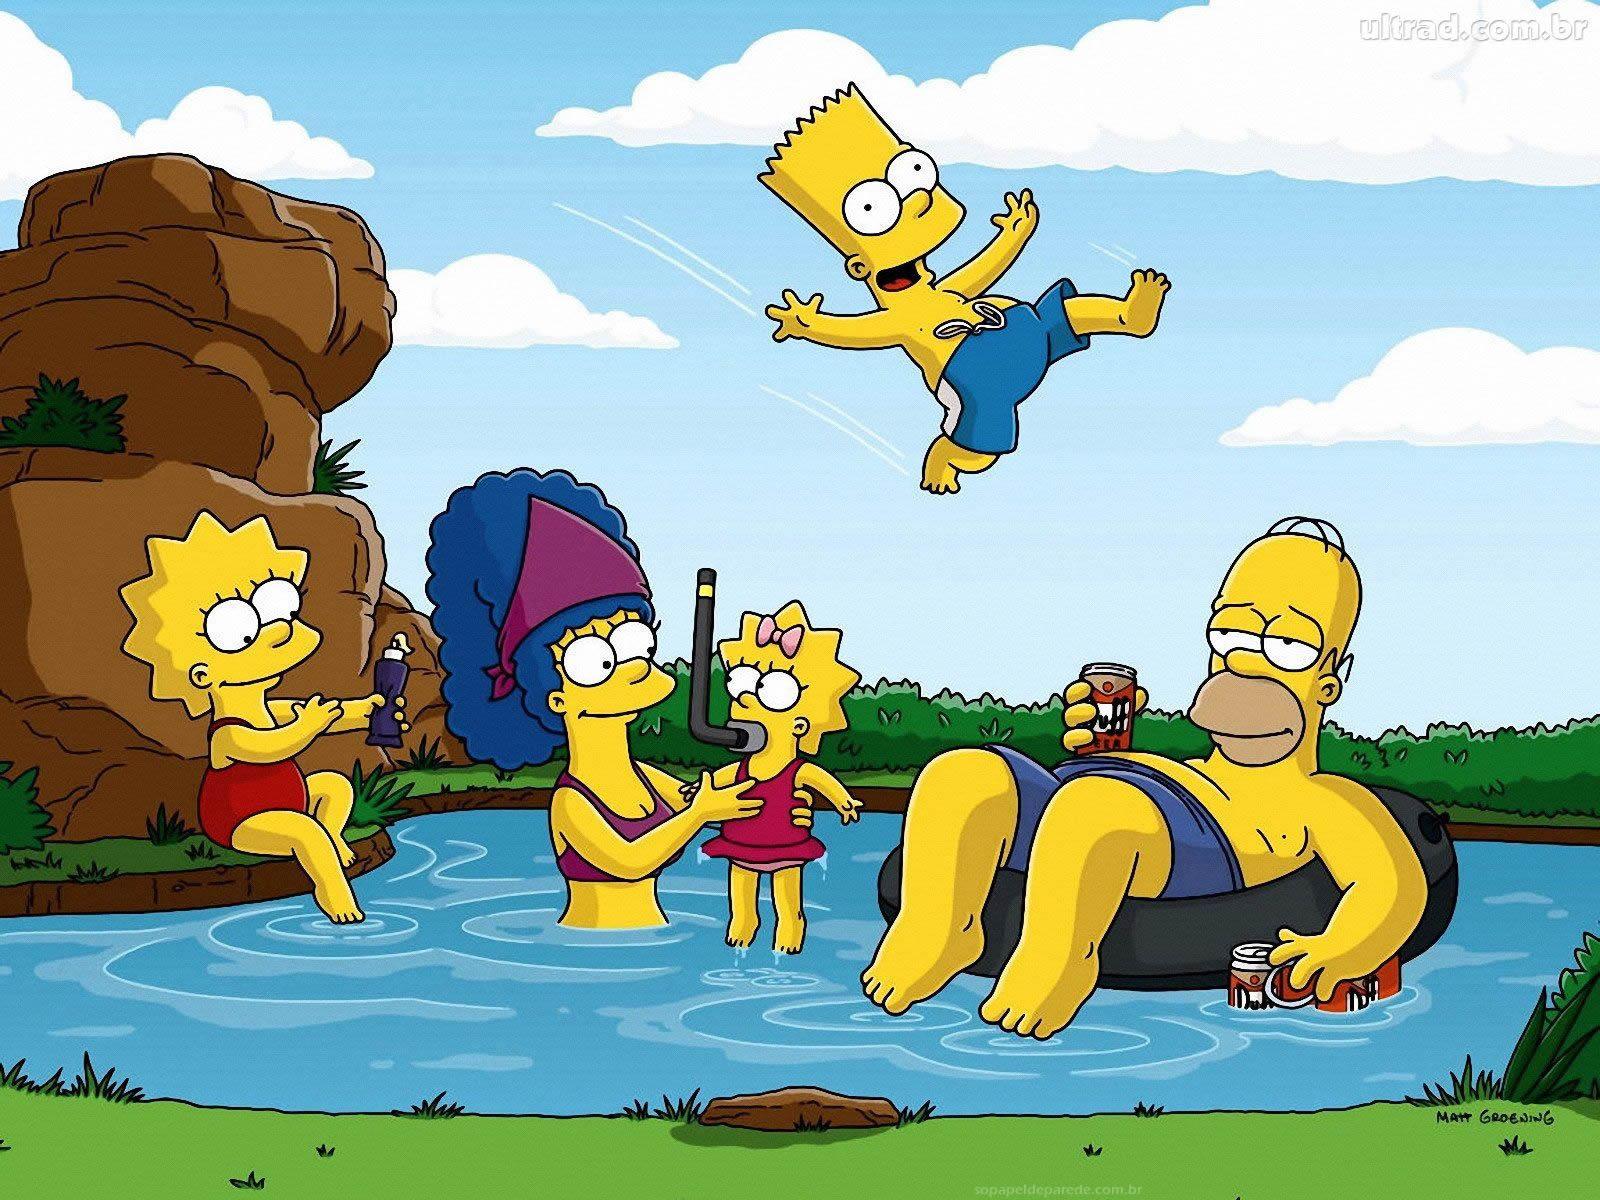 Papel-de-Parede-Simpsons–71826_1600x1200